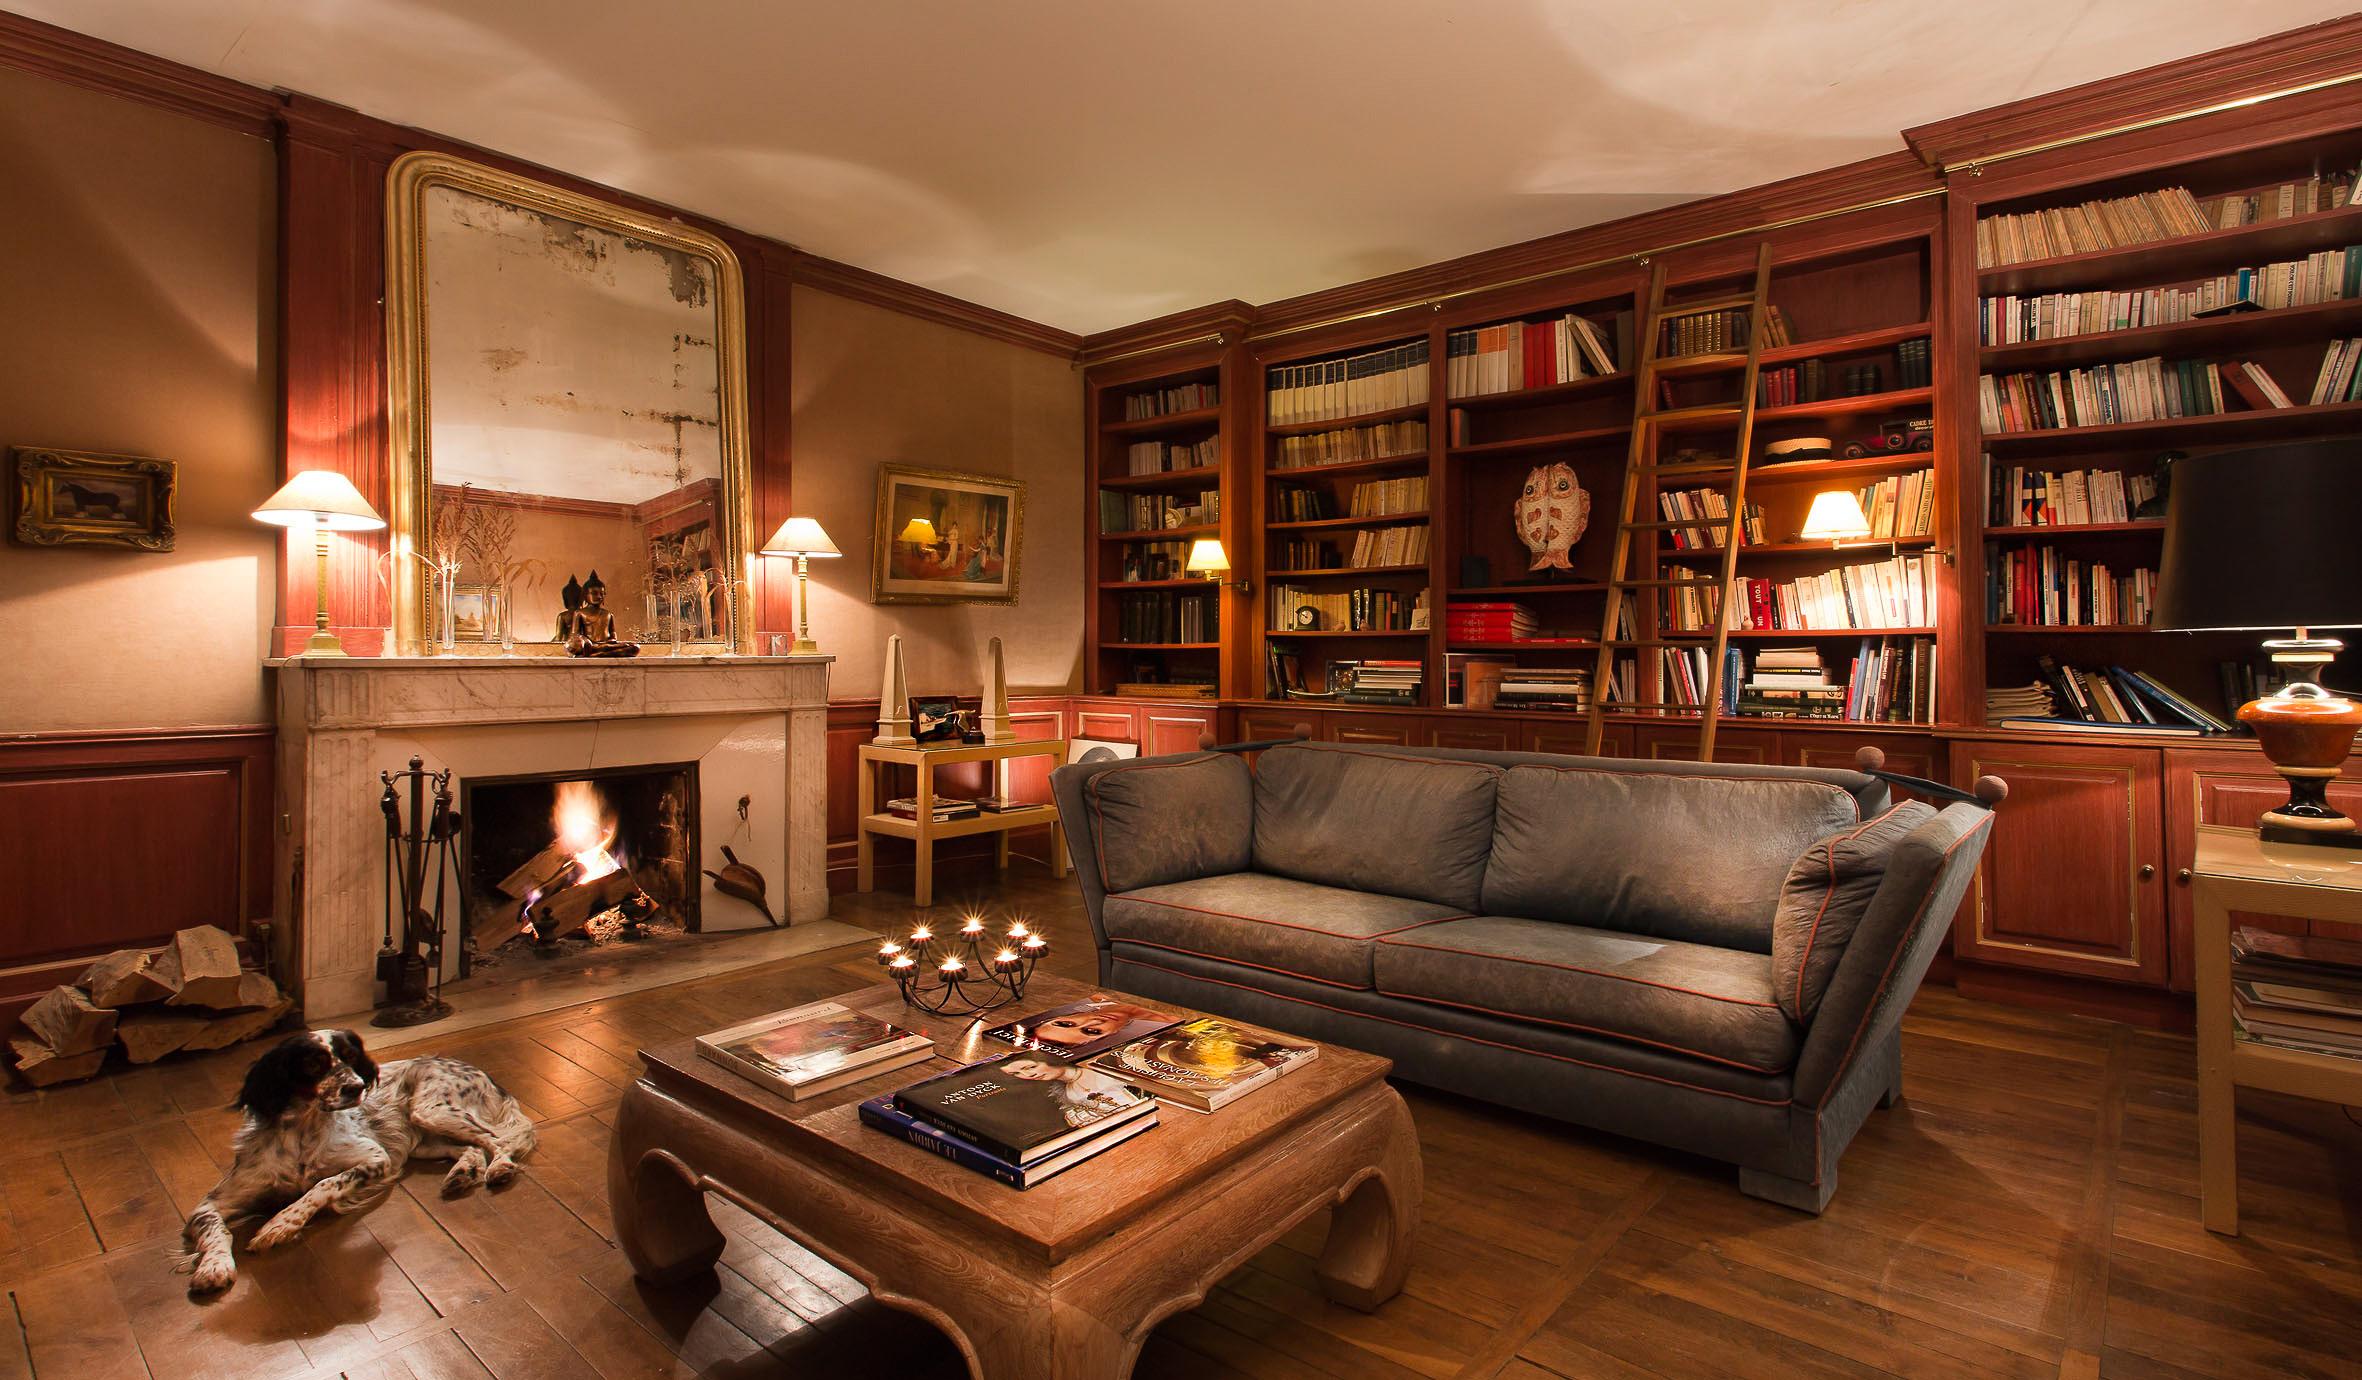 Hôtel de Charme, Bourgogne - Bibliothèque Château de Courban